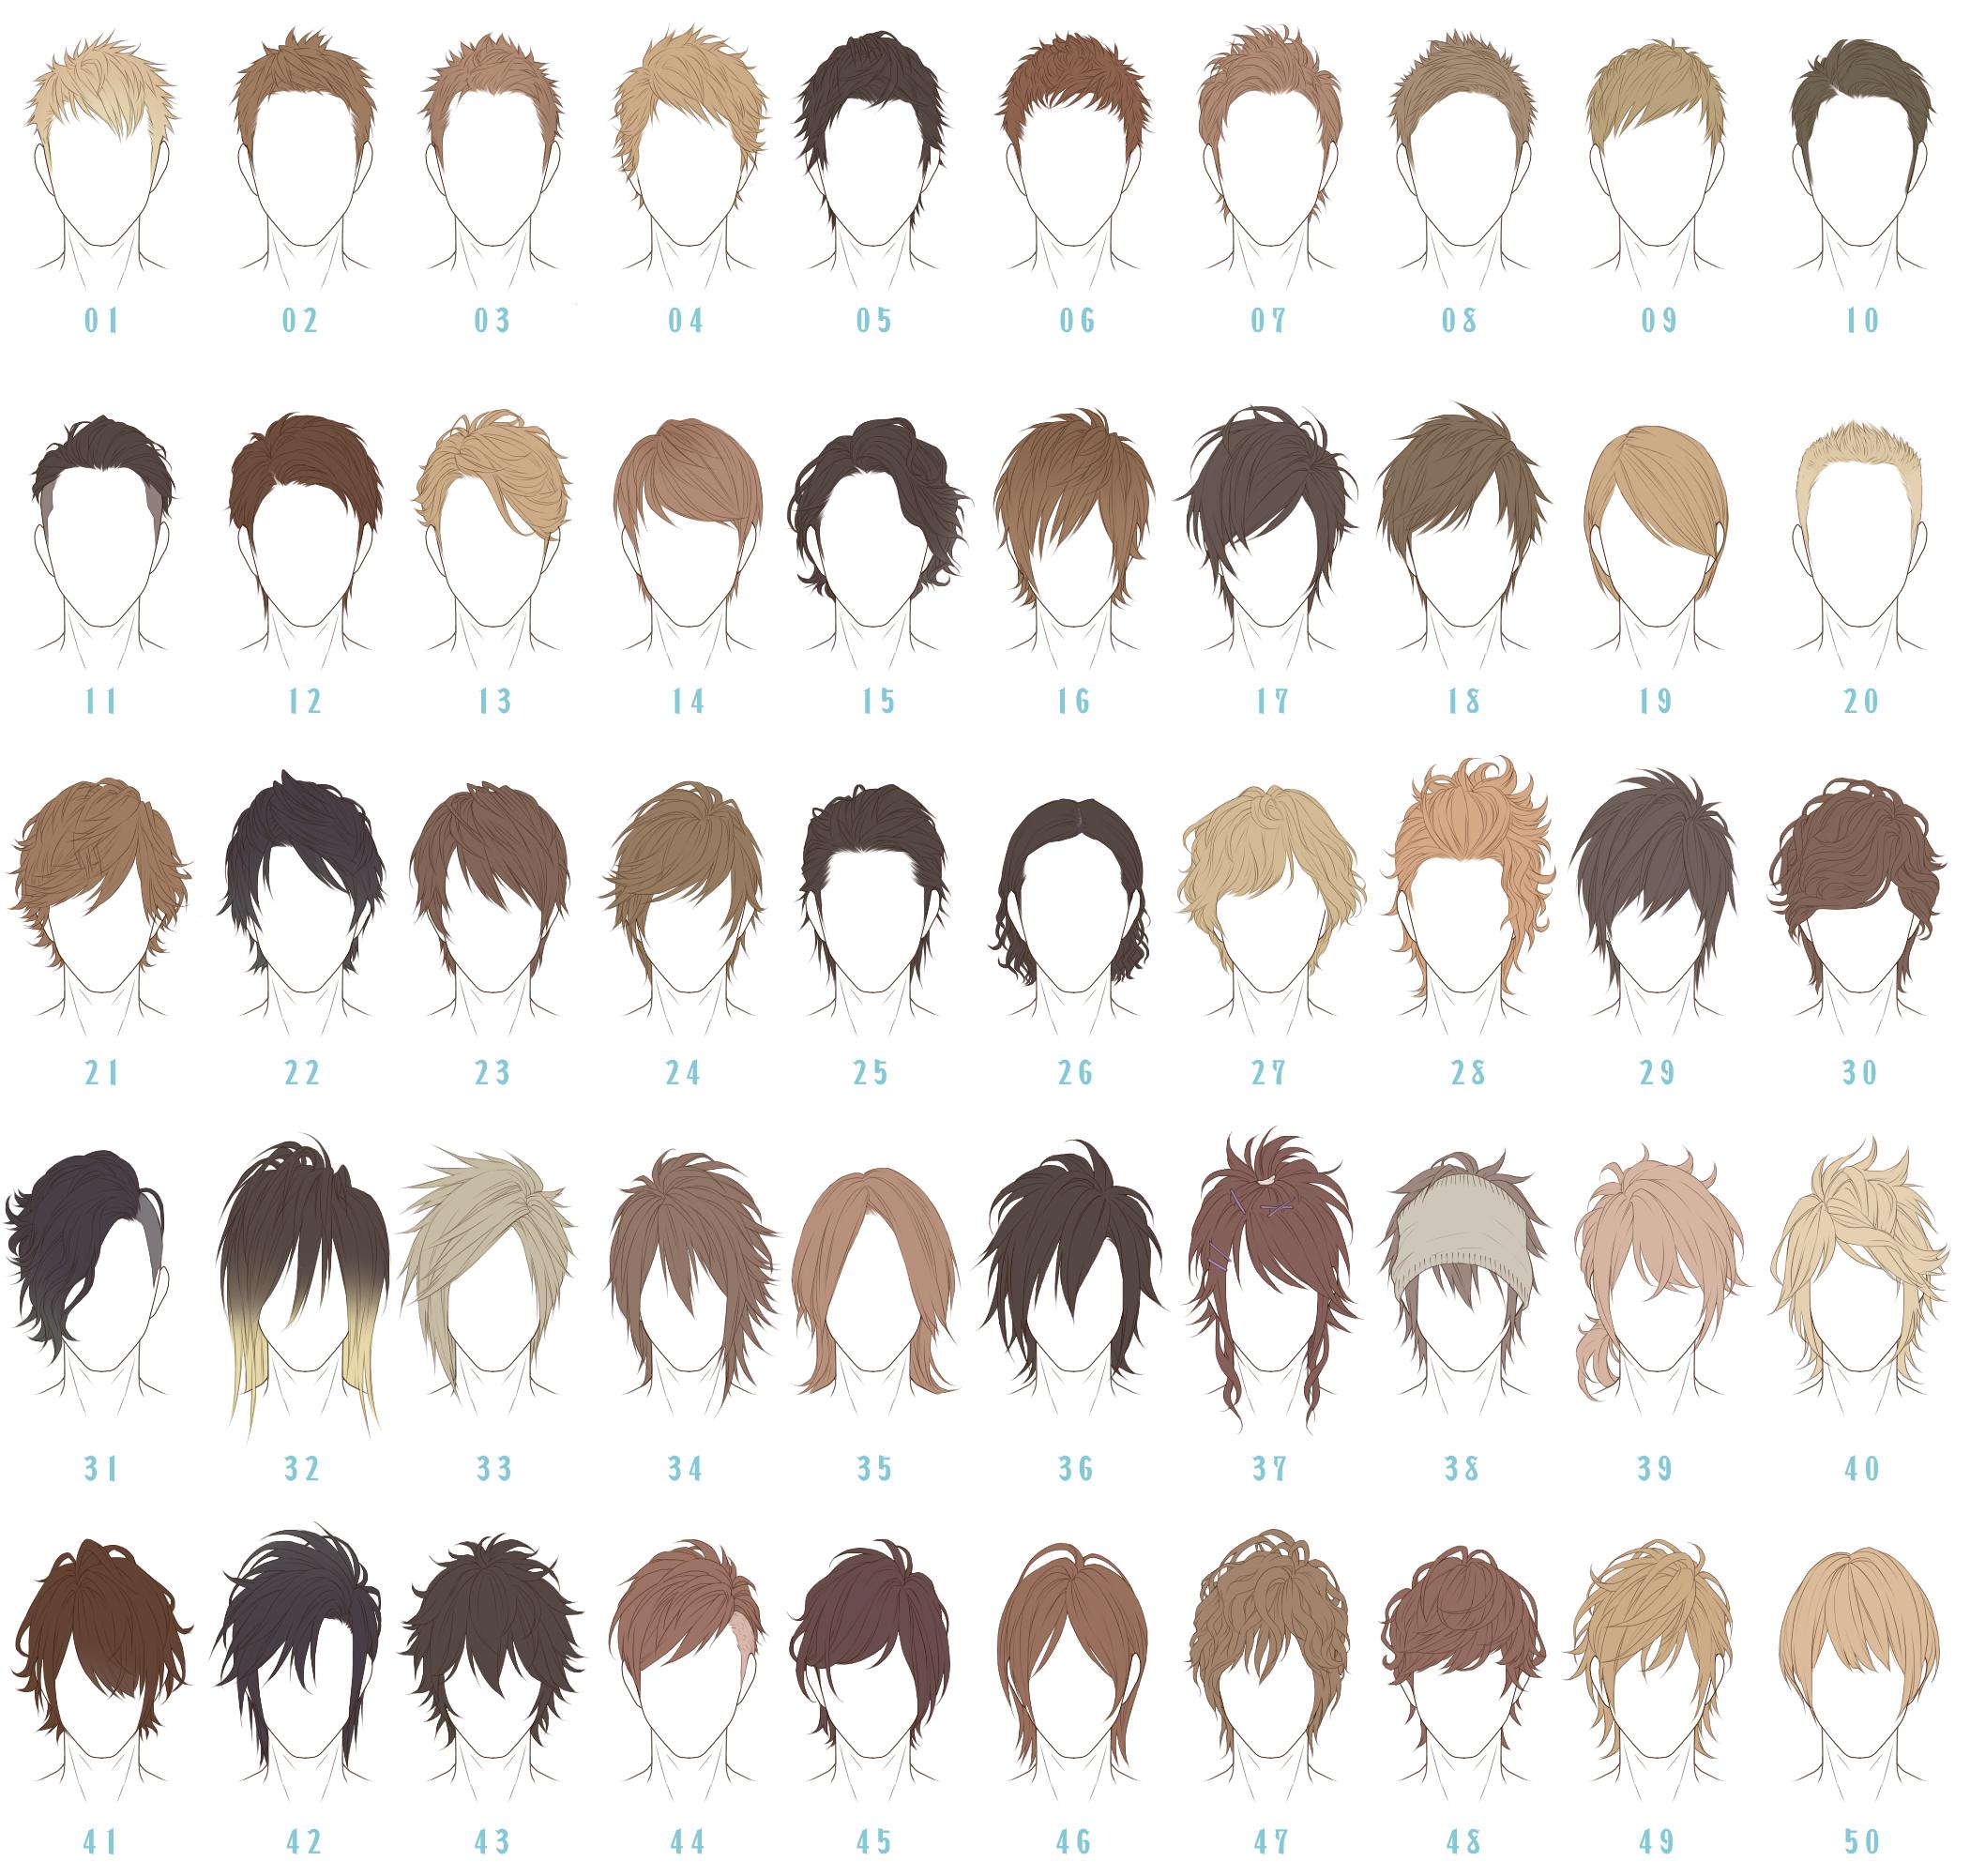 「髪型100」/「すぴ」の漫画 [pixiv]